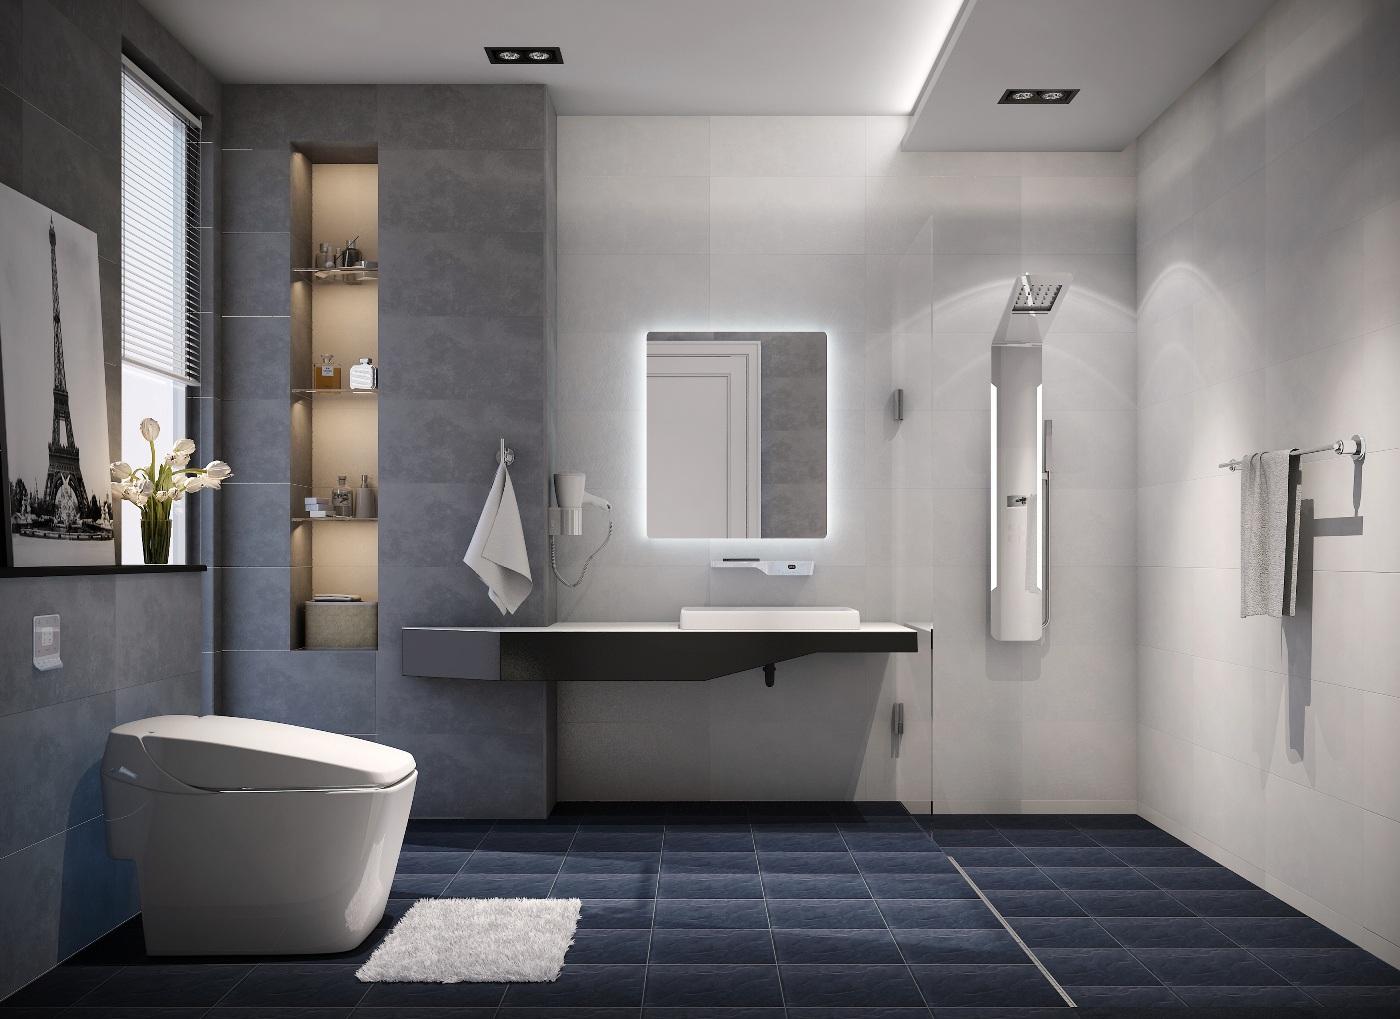 """Đối với những phòng tắm """"khiêm tốn"""" về diện tích, tone màu trắng sáng sẽ là lựa chọn đúng đắn"""